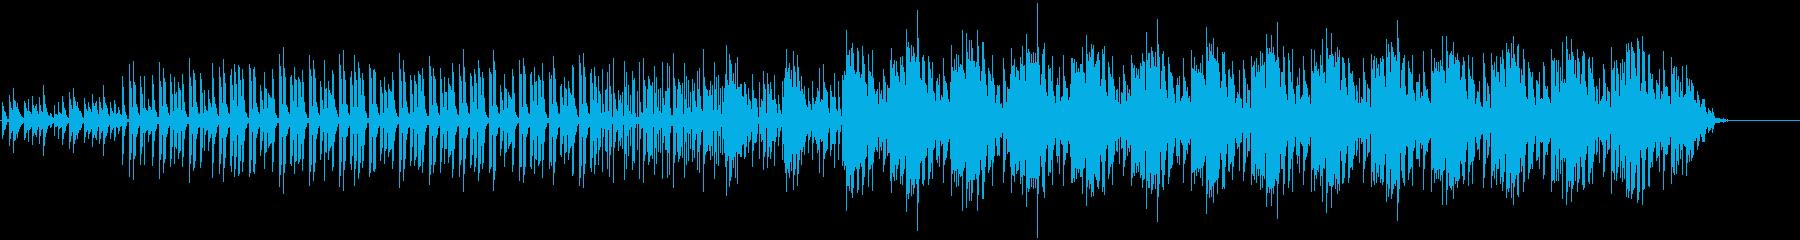 ポップでかわいらしいほのぼのテクノの再生済みの波形